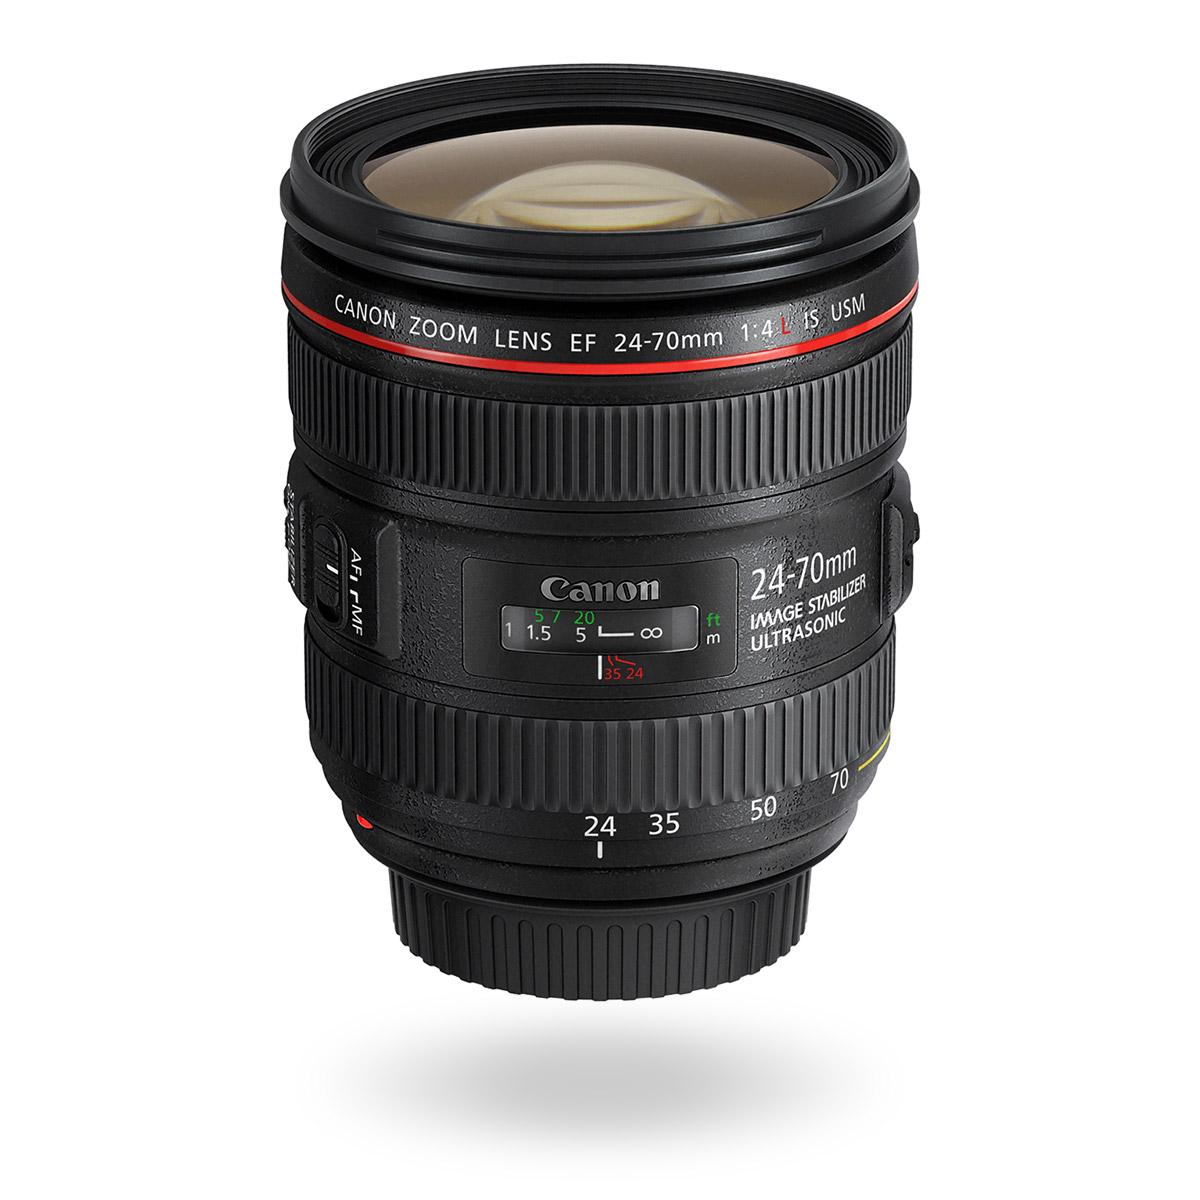 EF 24-70mm f/4L IS USM Lens